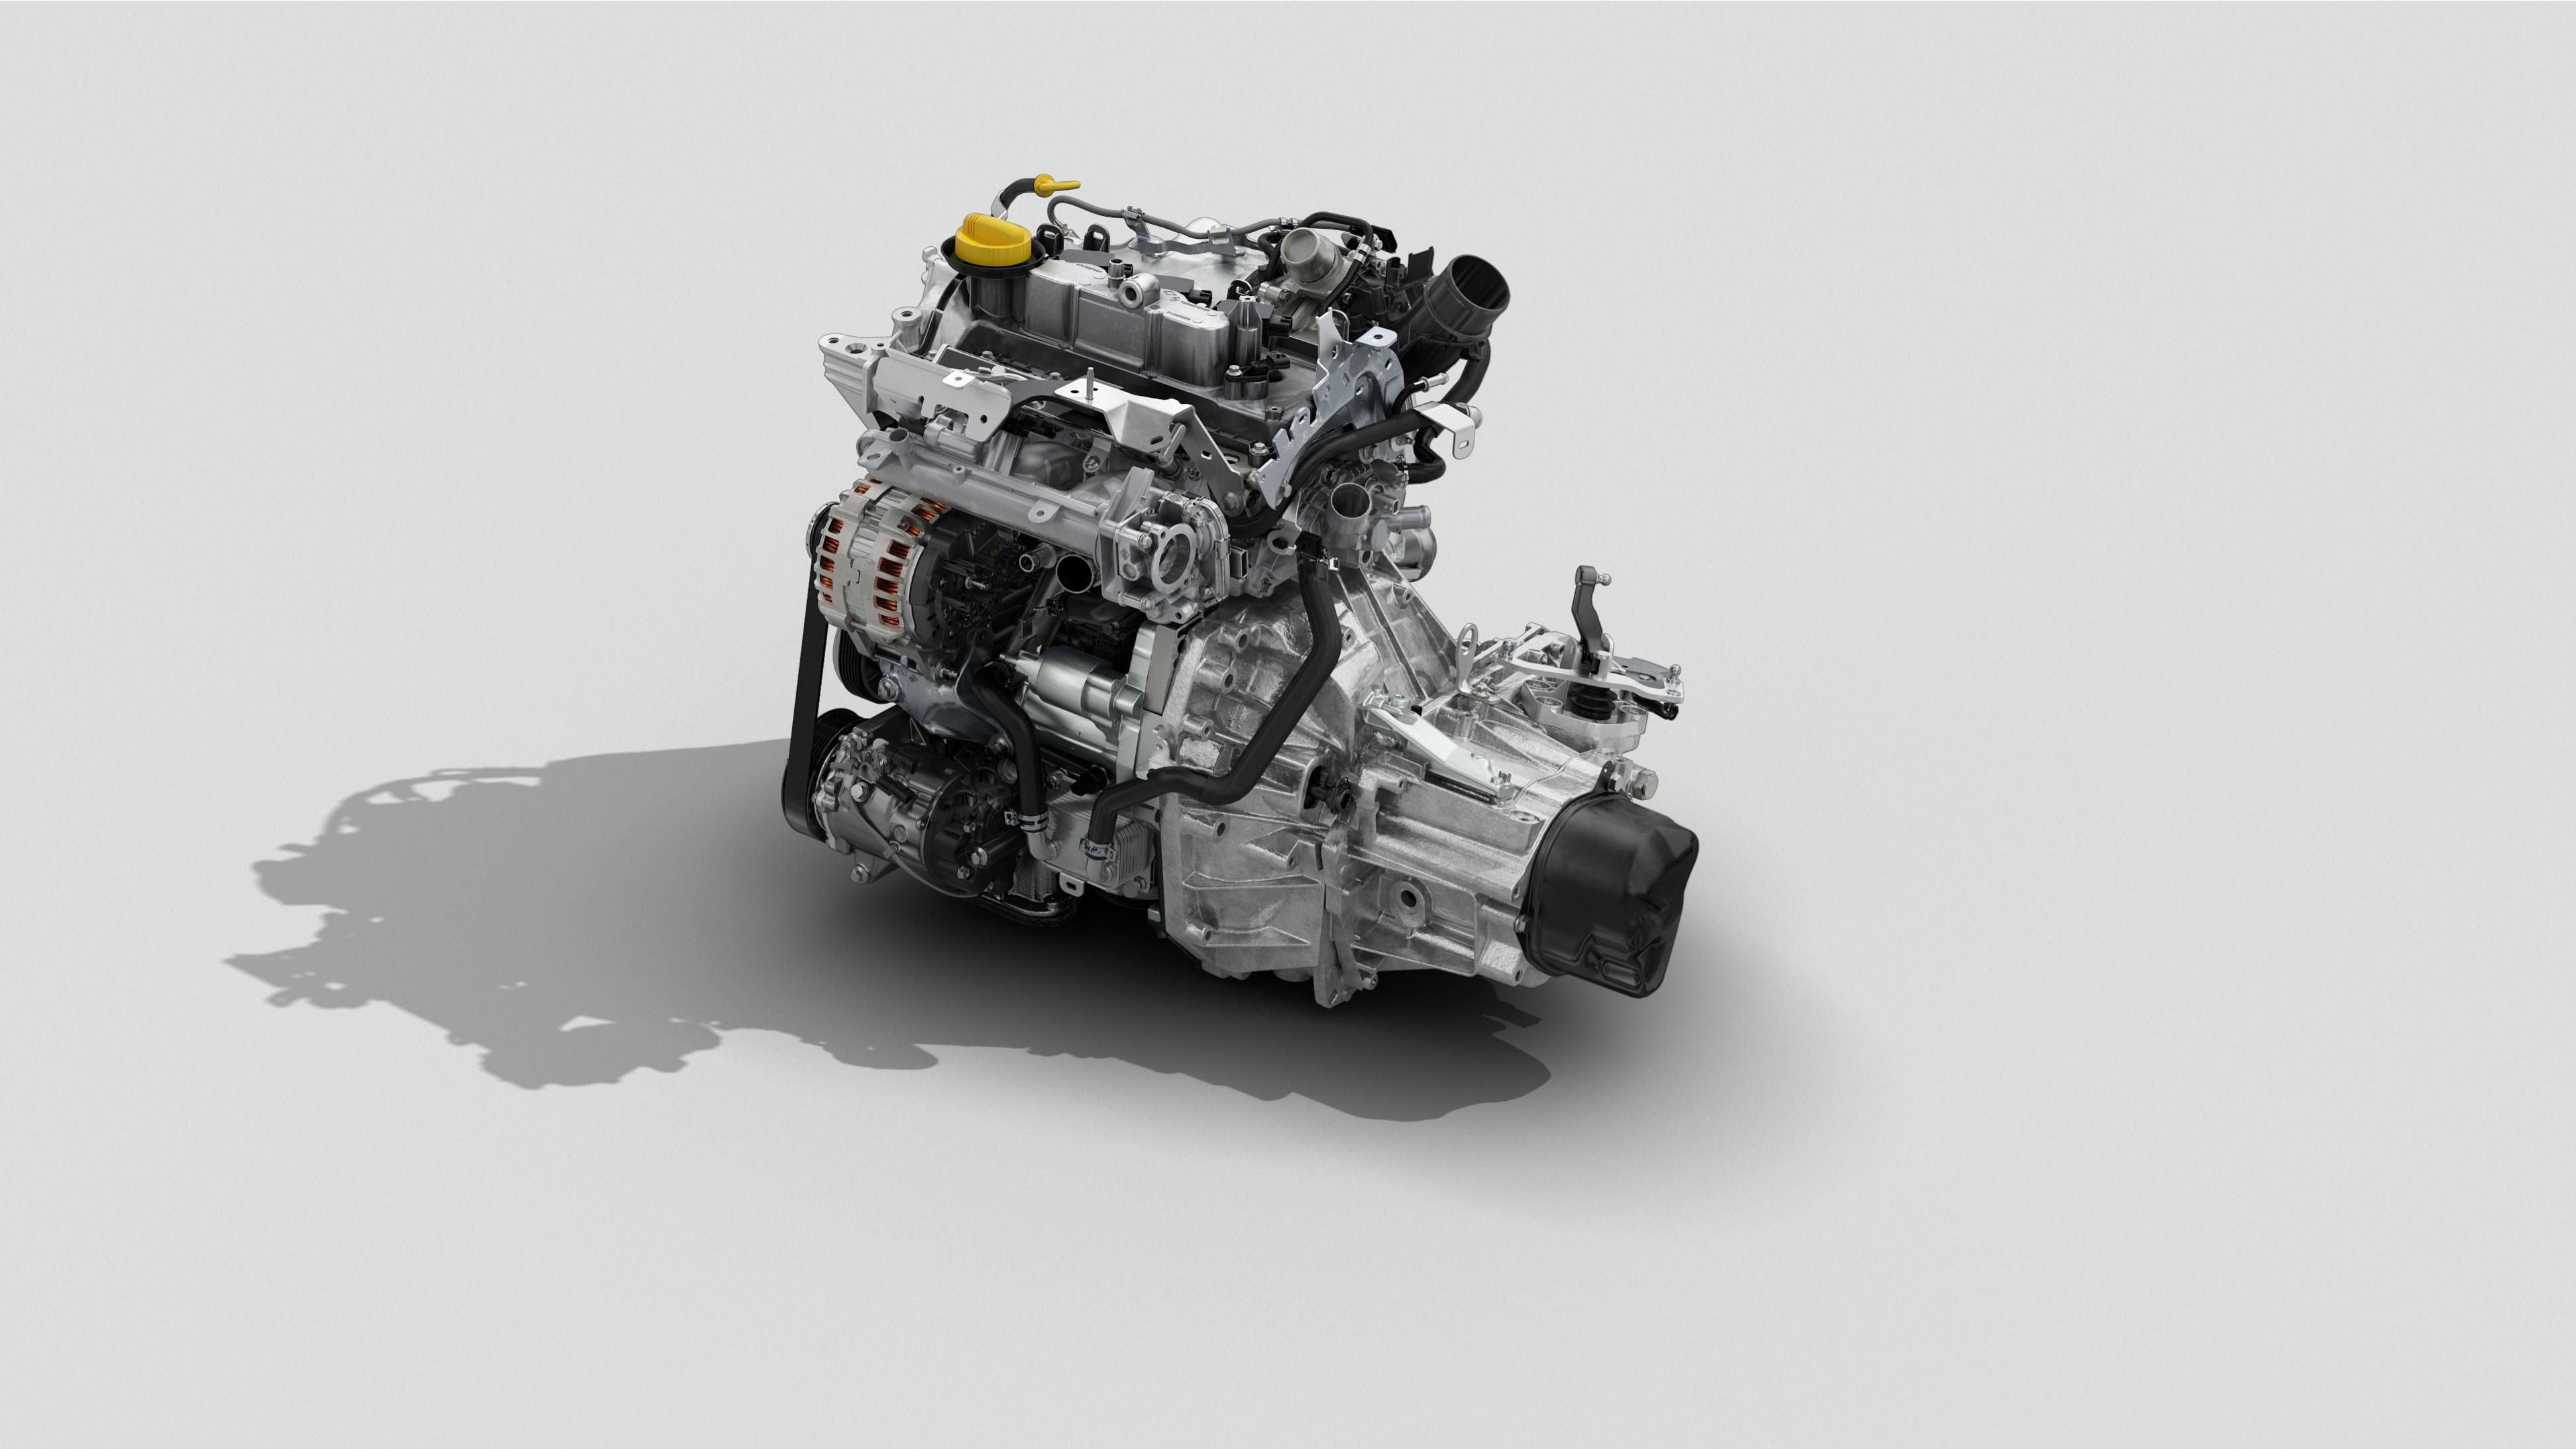 dacia duster nouveau moteur essence tce   today